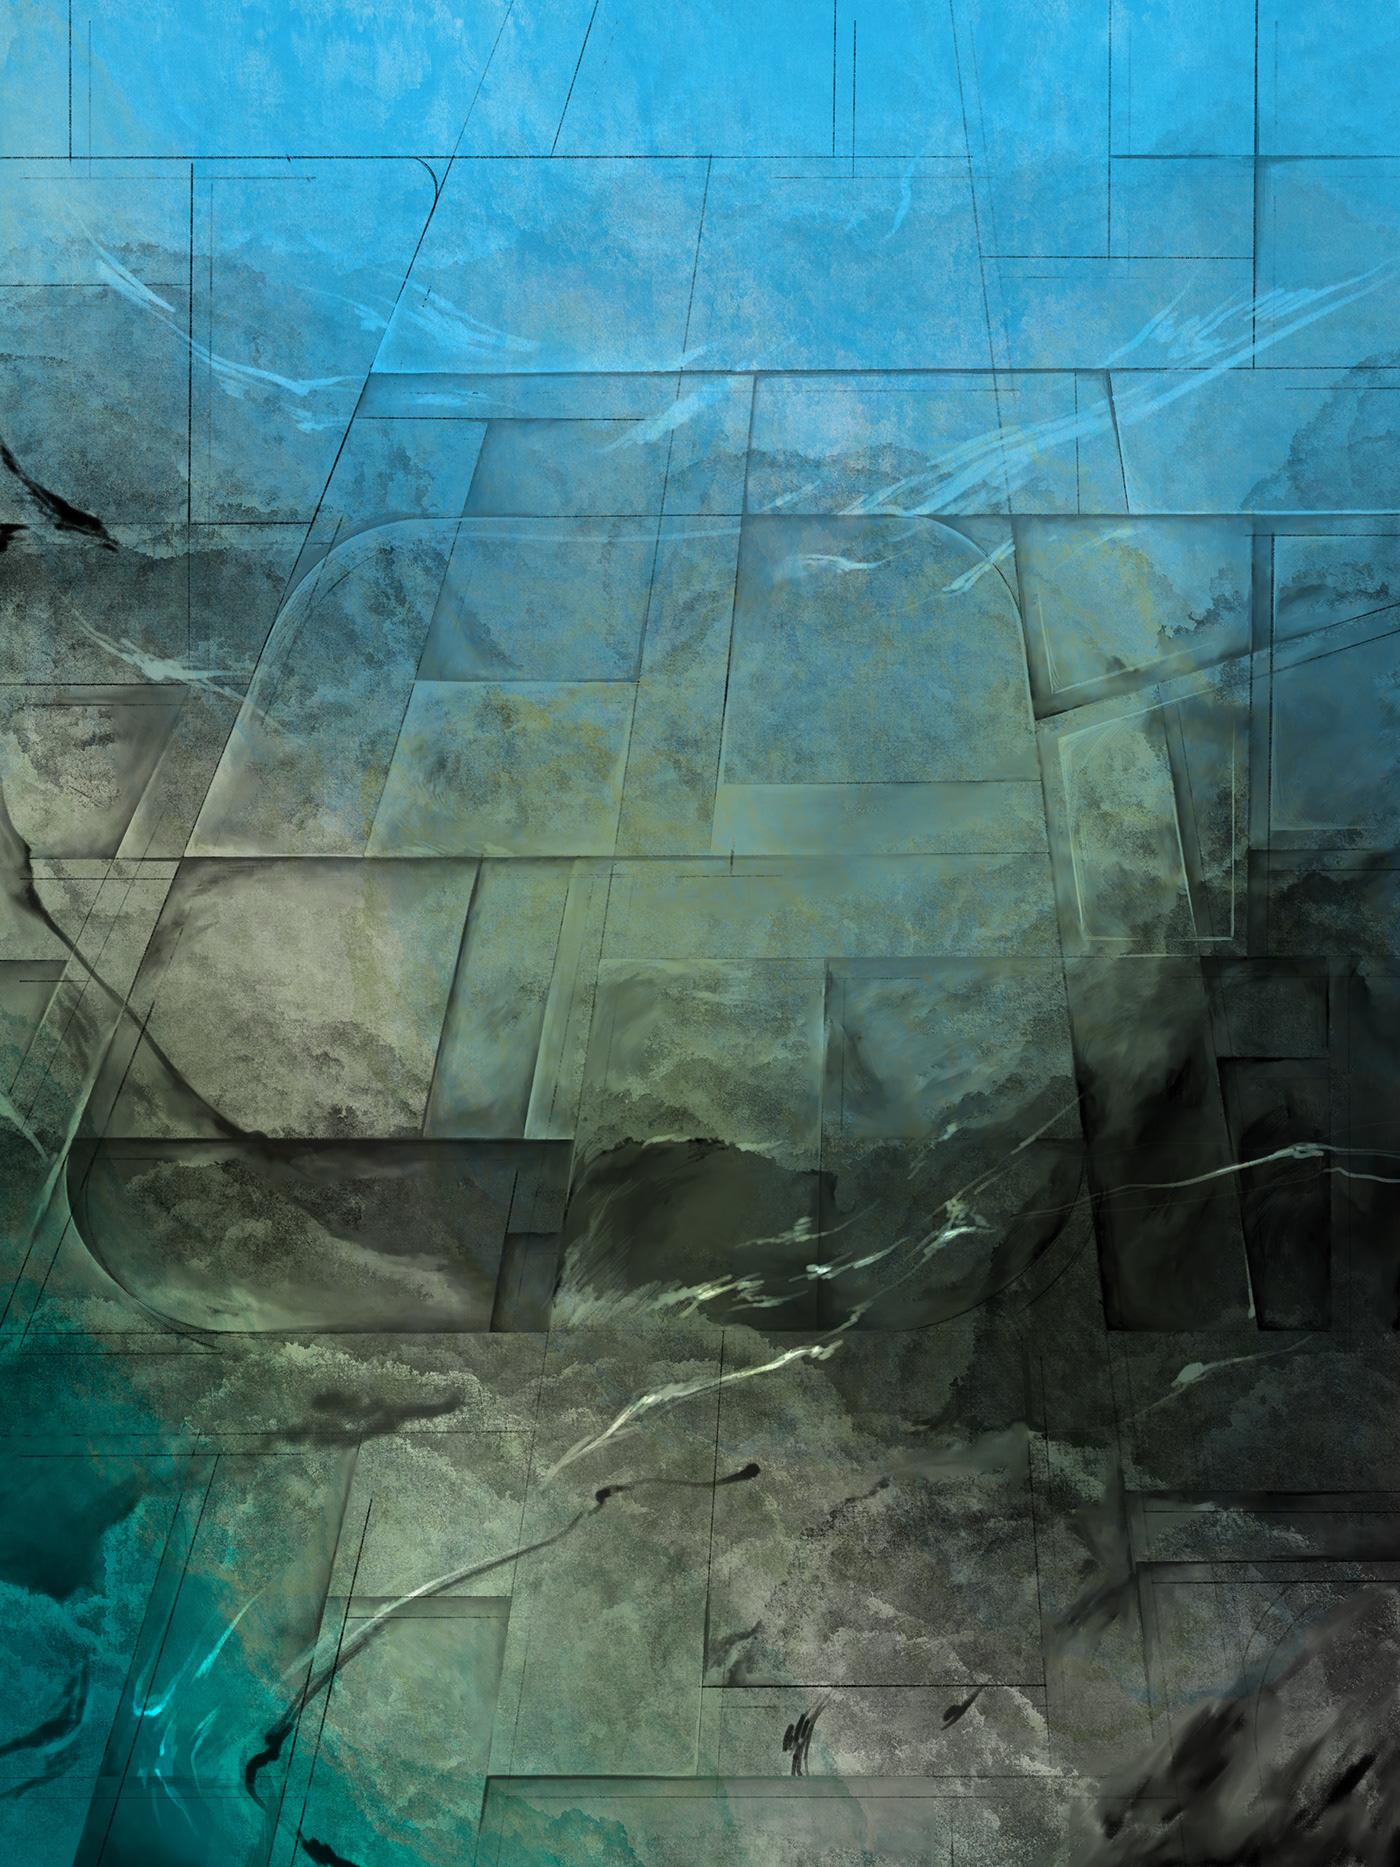 Image may contain: indoor and aquarium